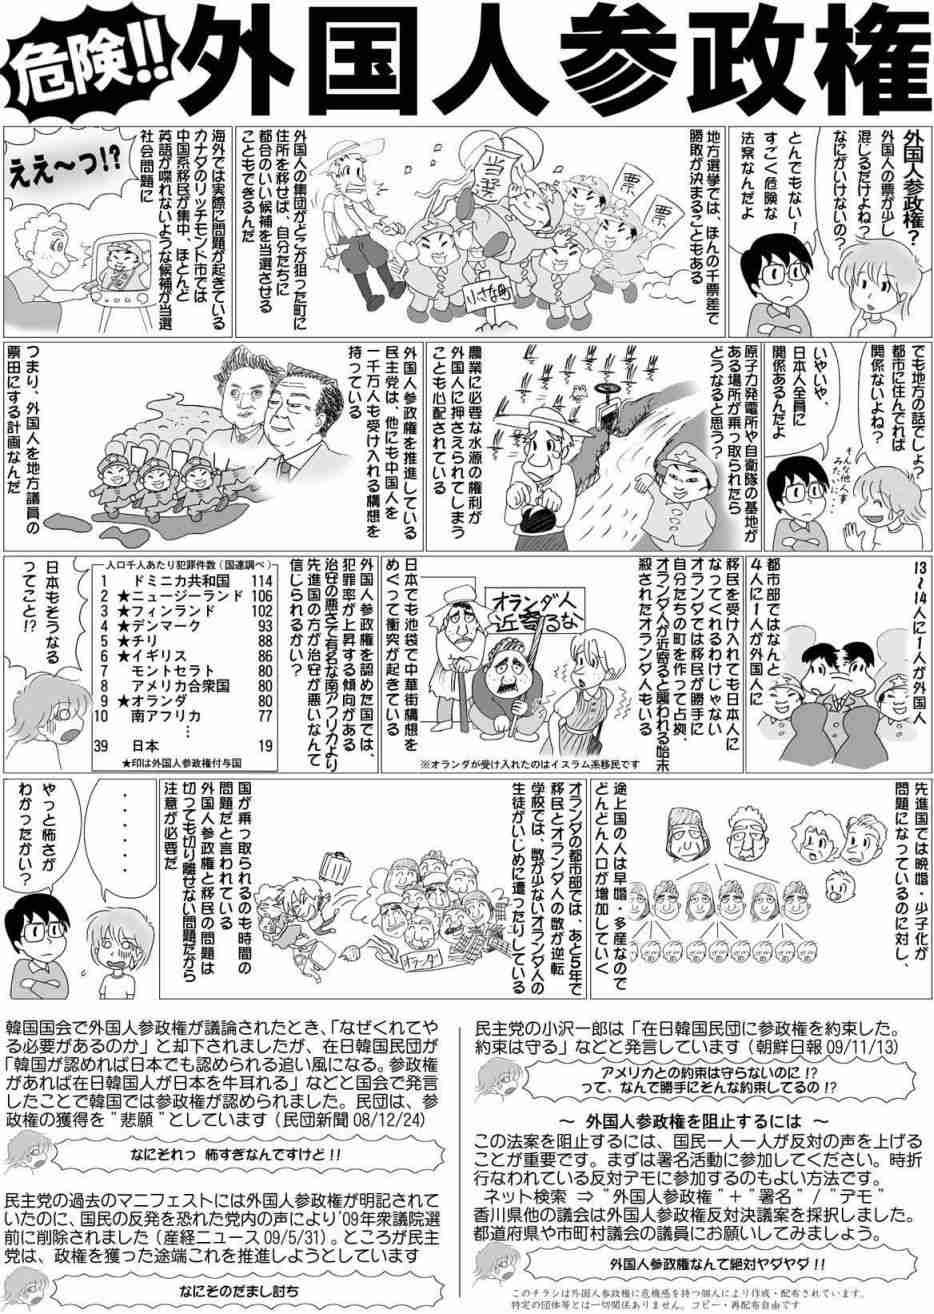 日本の移民受け入れについて